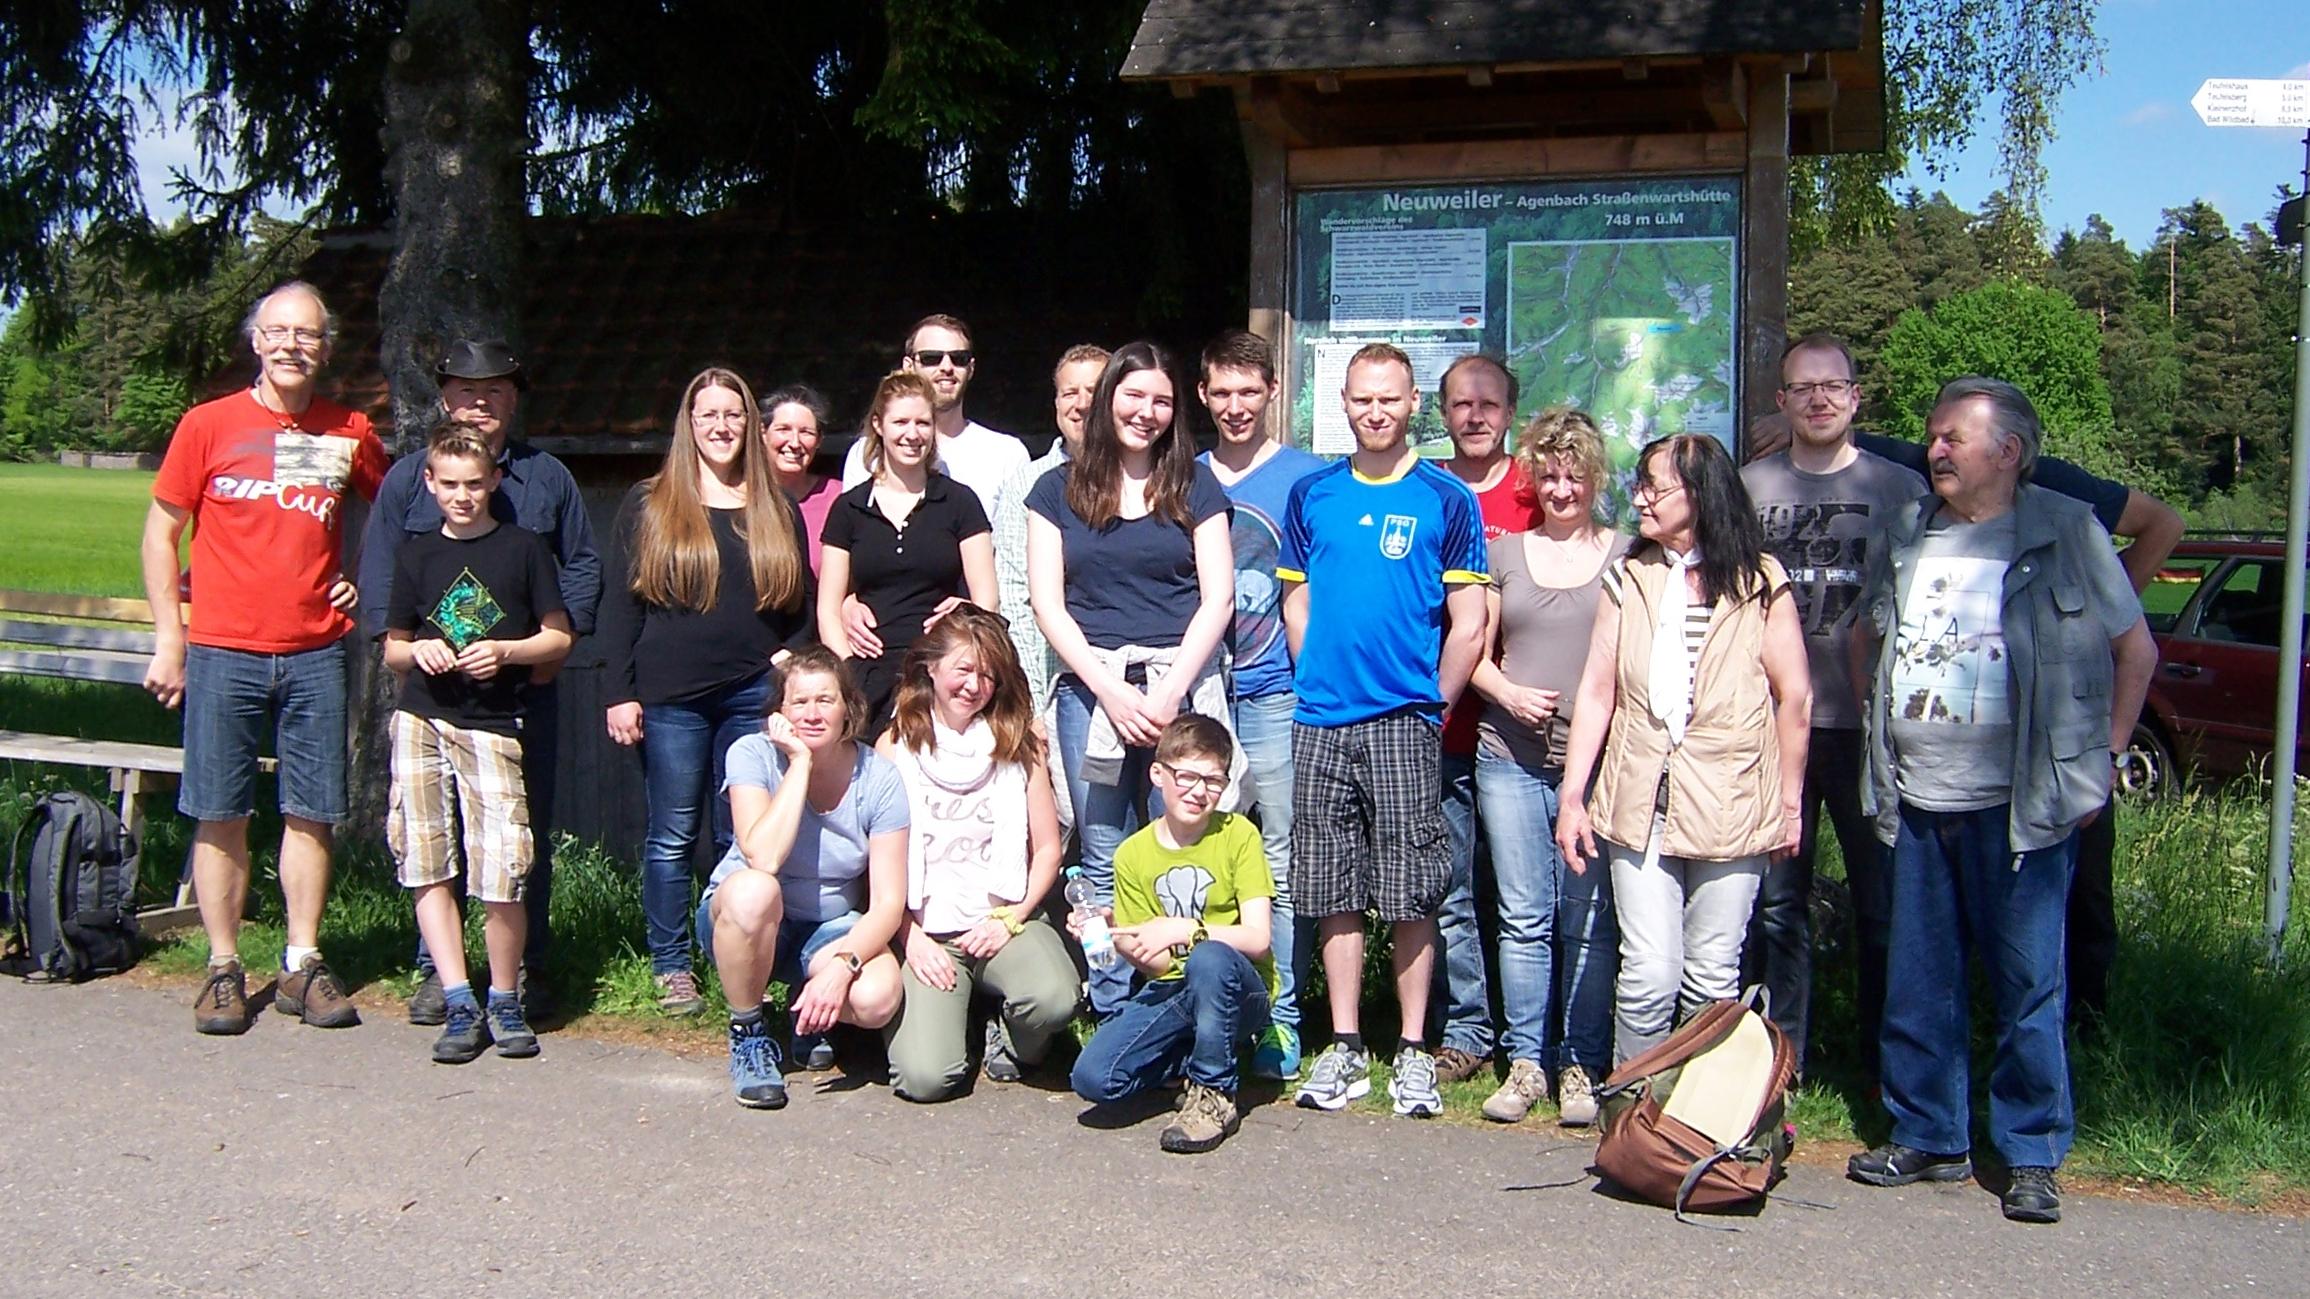 Sportgruppe Post Sport aus Calw bei der Wanderung